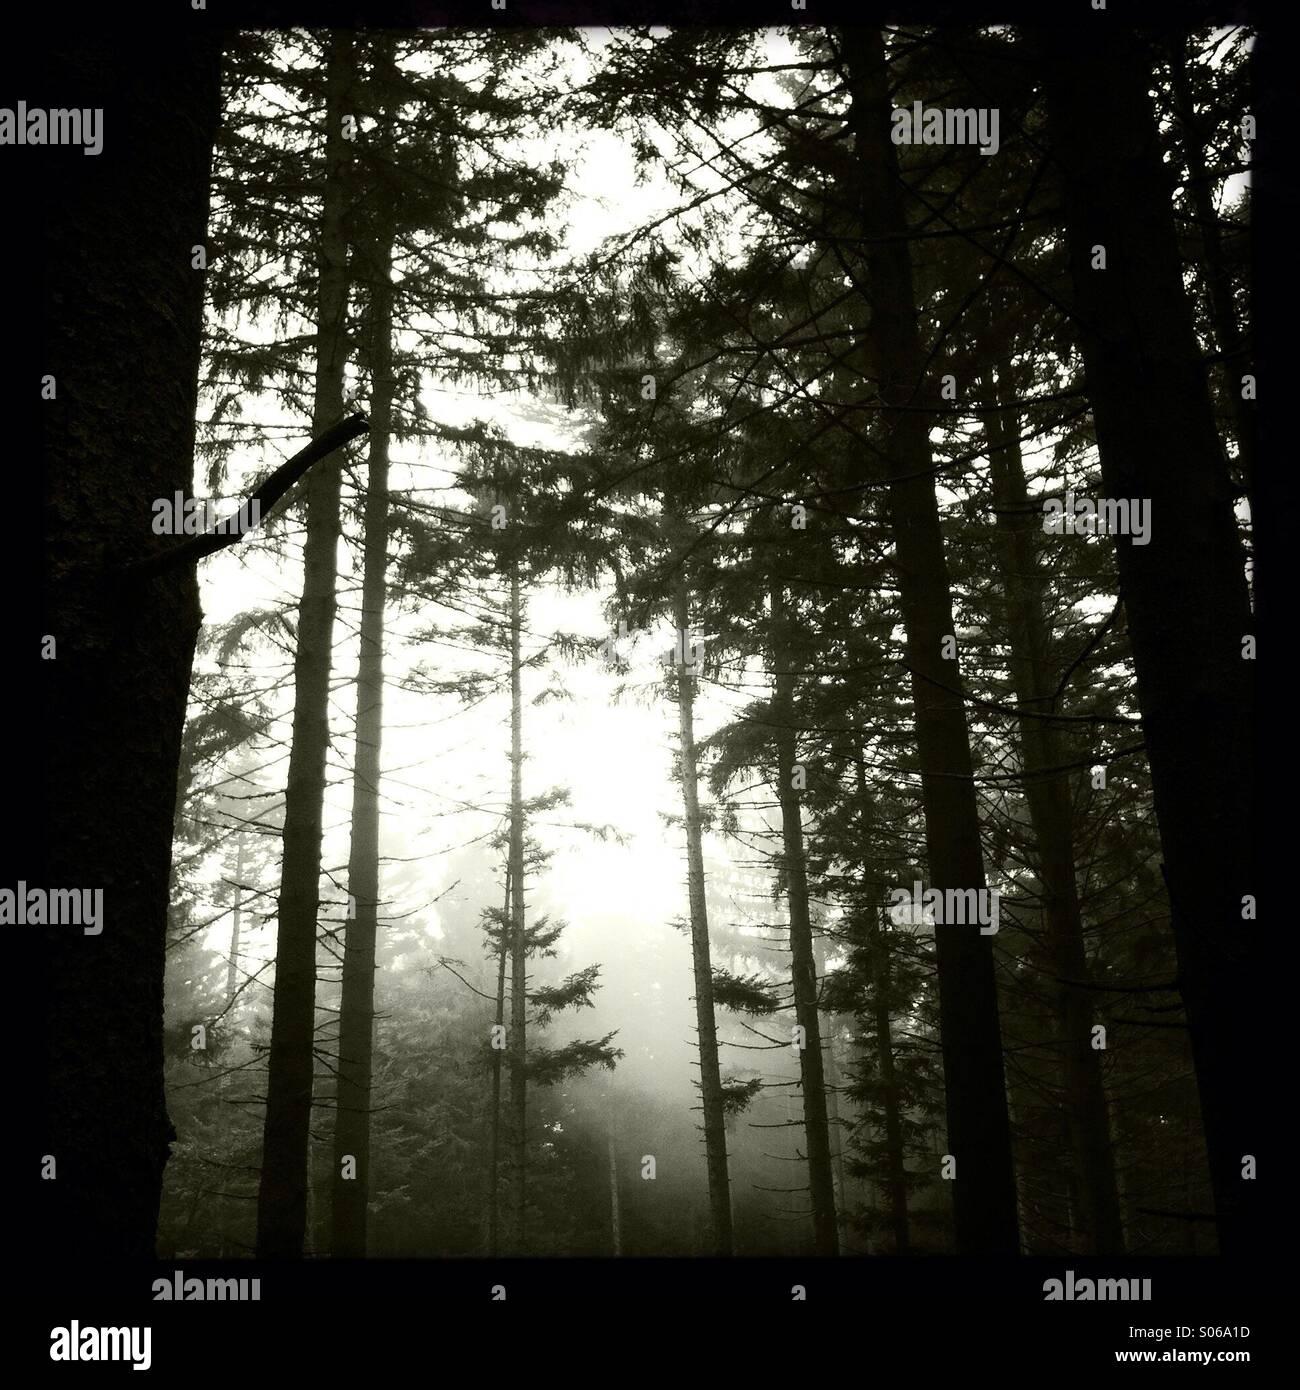 Une atmosphère dramatique dans les bois Photo Stock